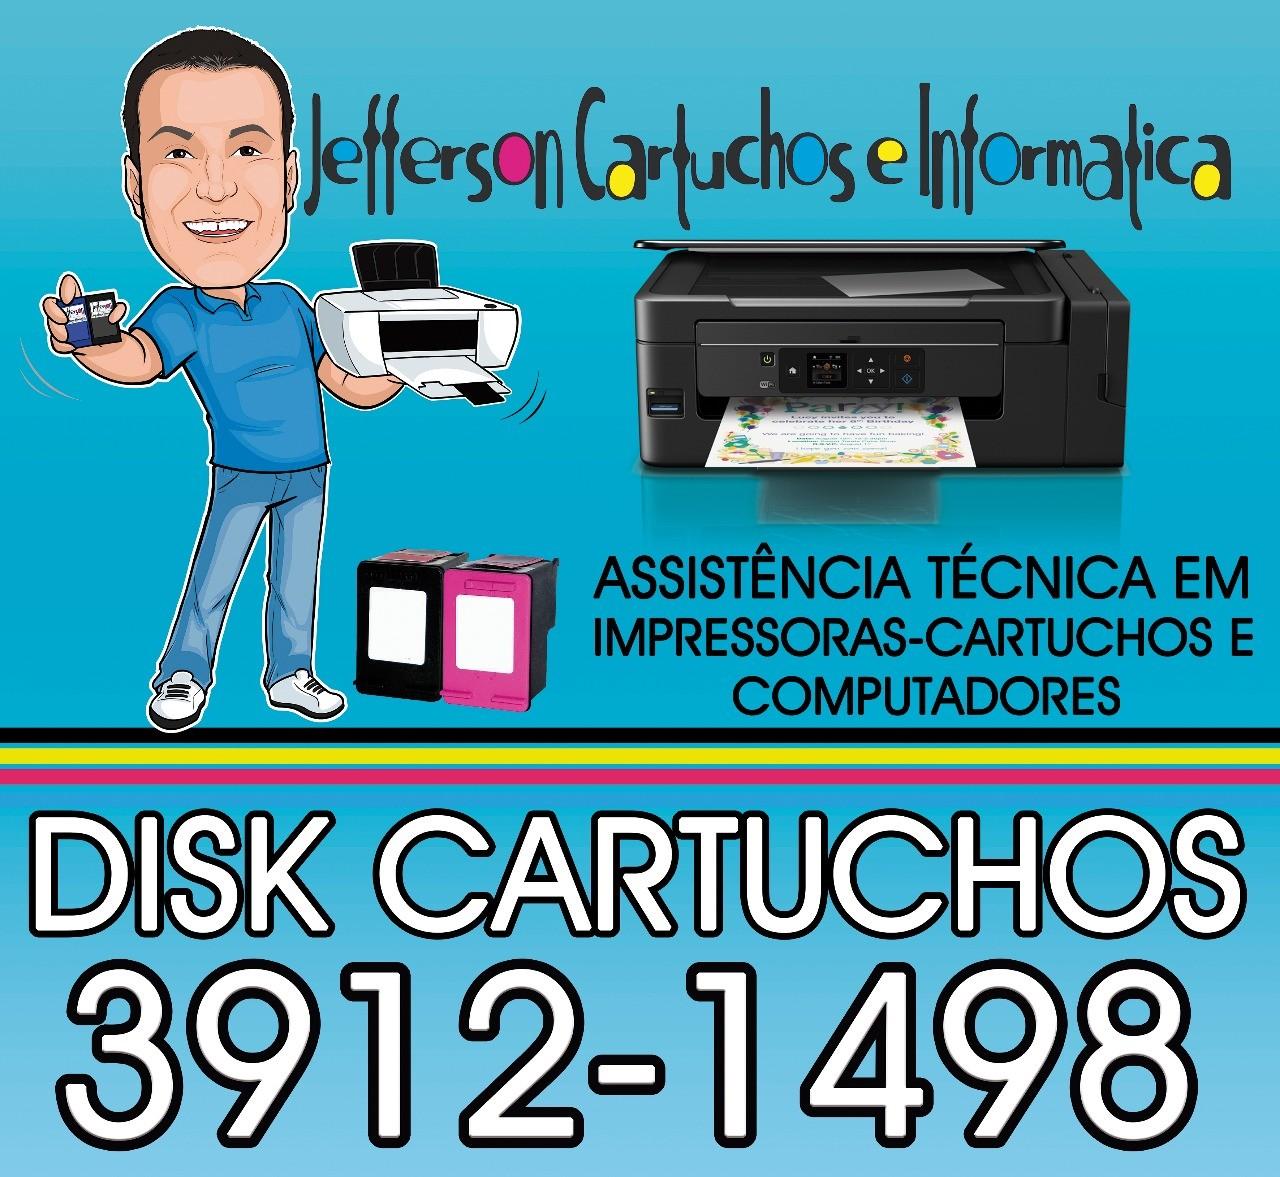 Recarga de cartucho Av. Andrômeda, São José dos Campos - SP (12) 3912-1498 Watts (12) 98854-4886